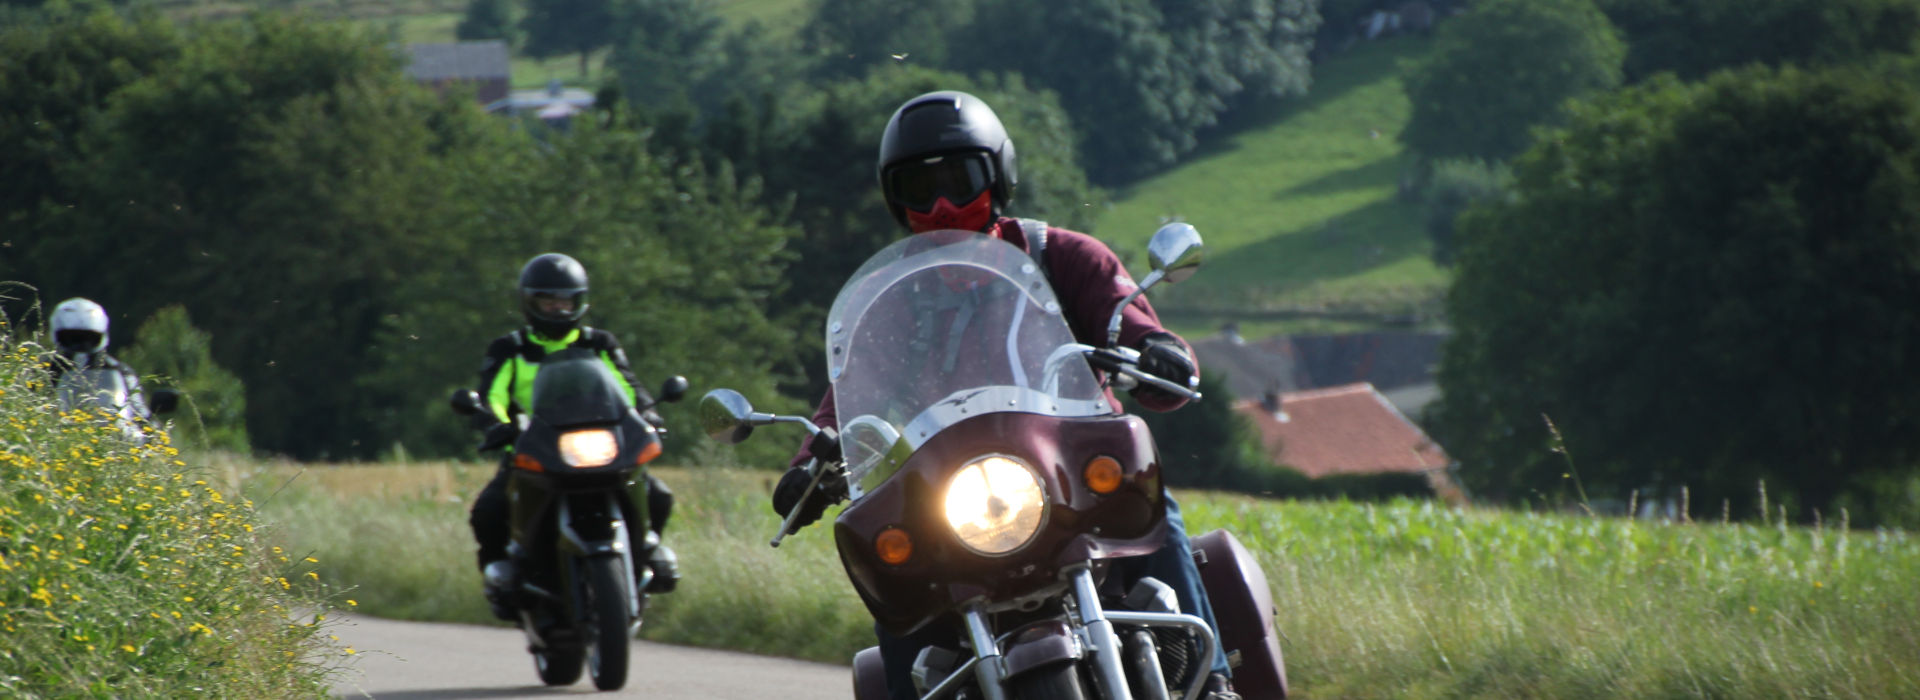 Motorrijbewijspoint Zelhem spoed motorrijbewijs